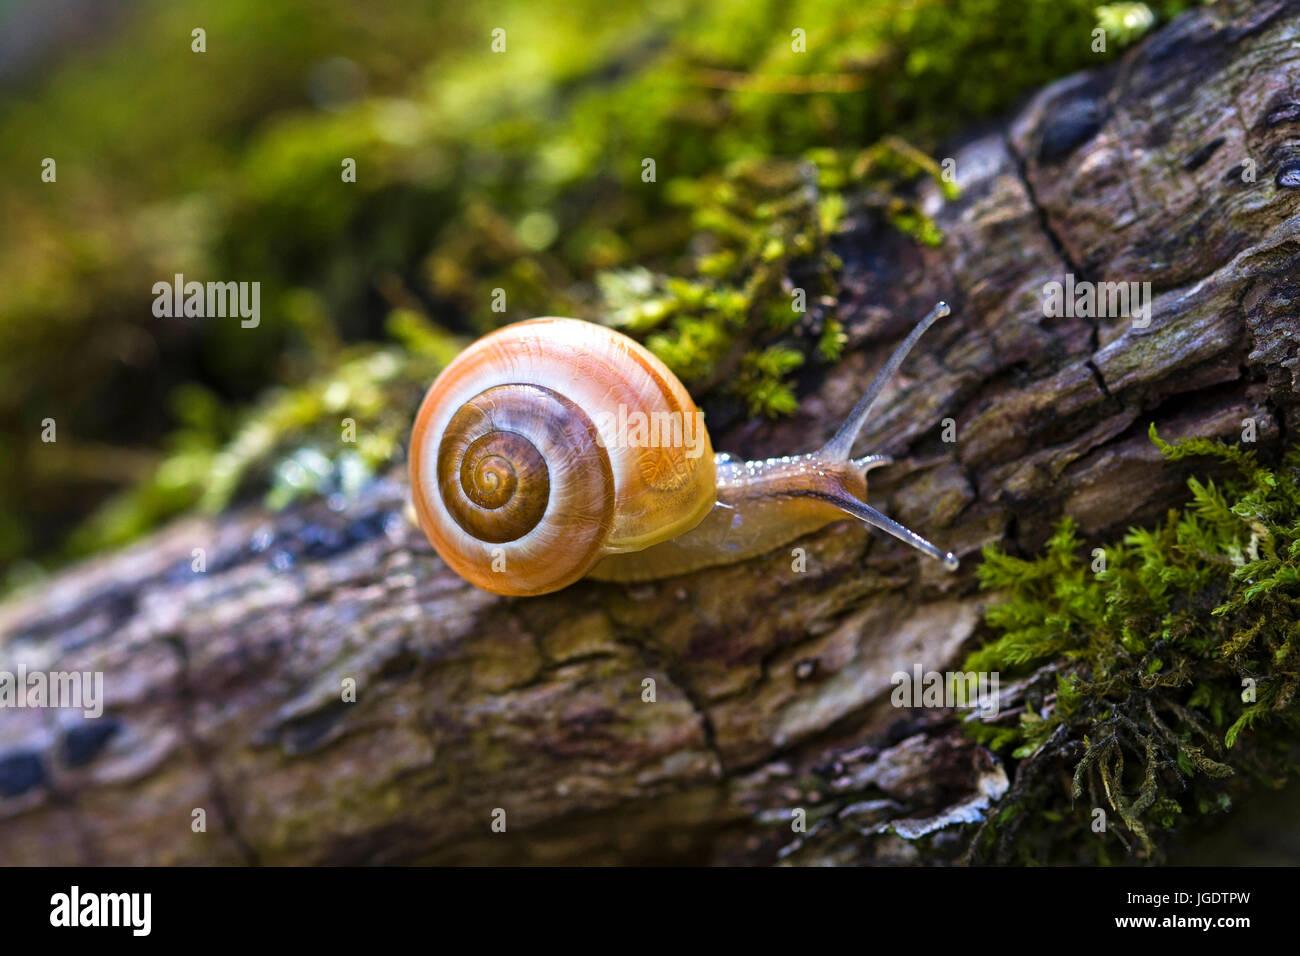 Garten Bänderschnecke Stock Photos Garten Bänderschnecke Stock